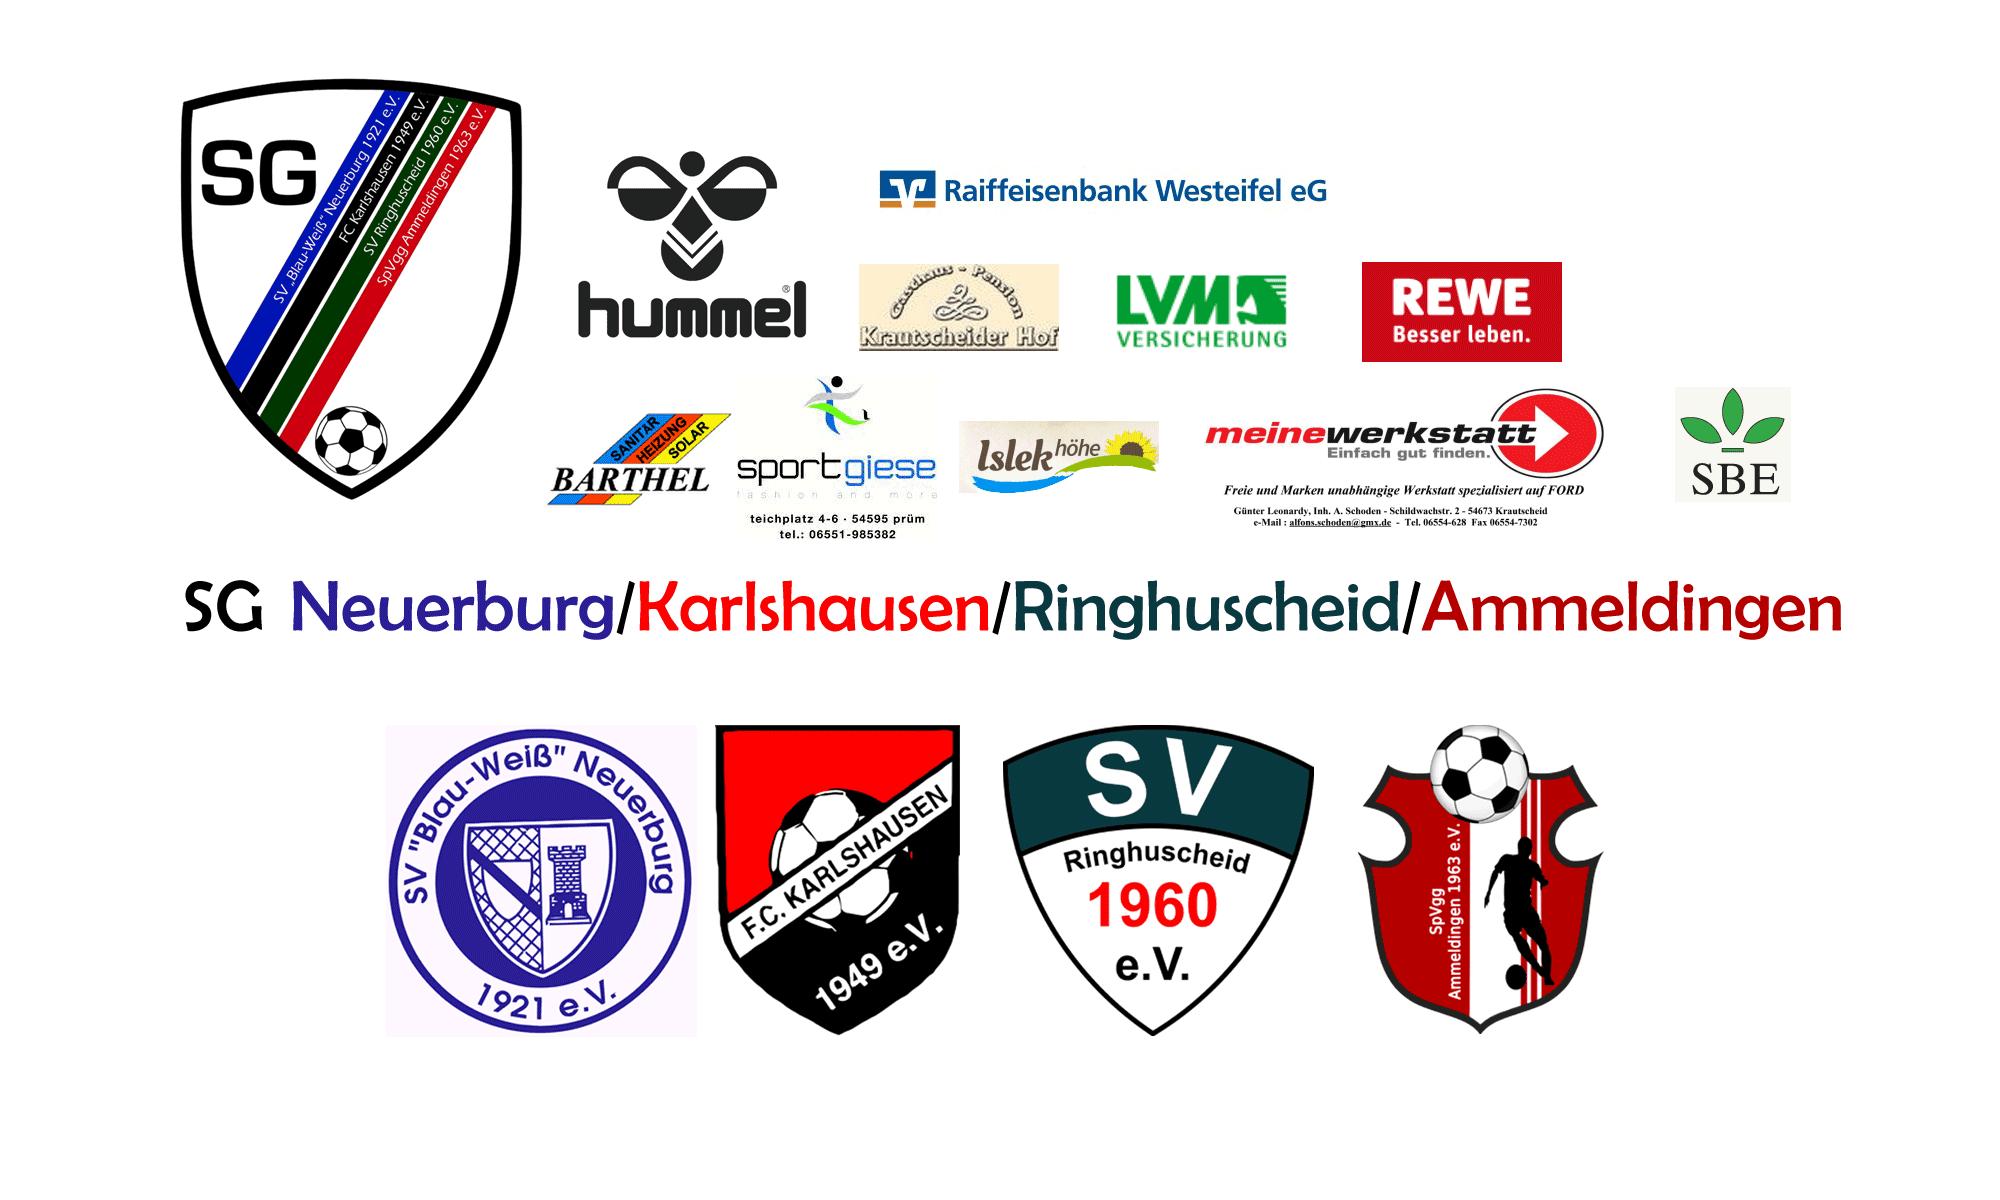 SG Neuerburg/Karlshausen/Ringhuscheid/Ammeldingen